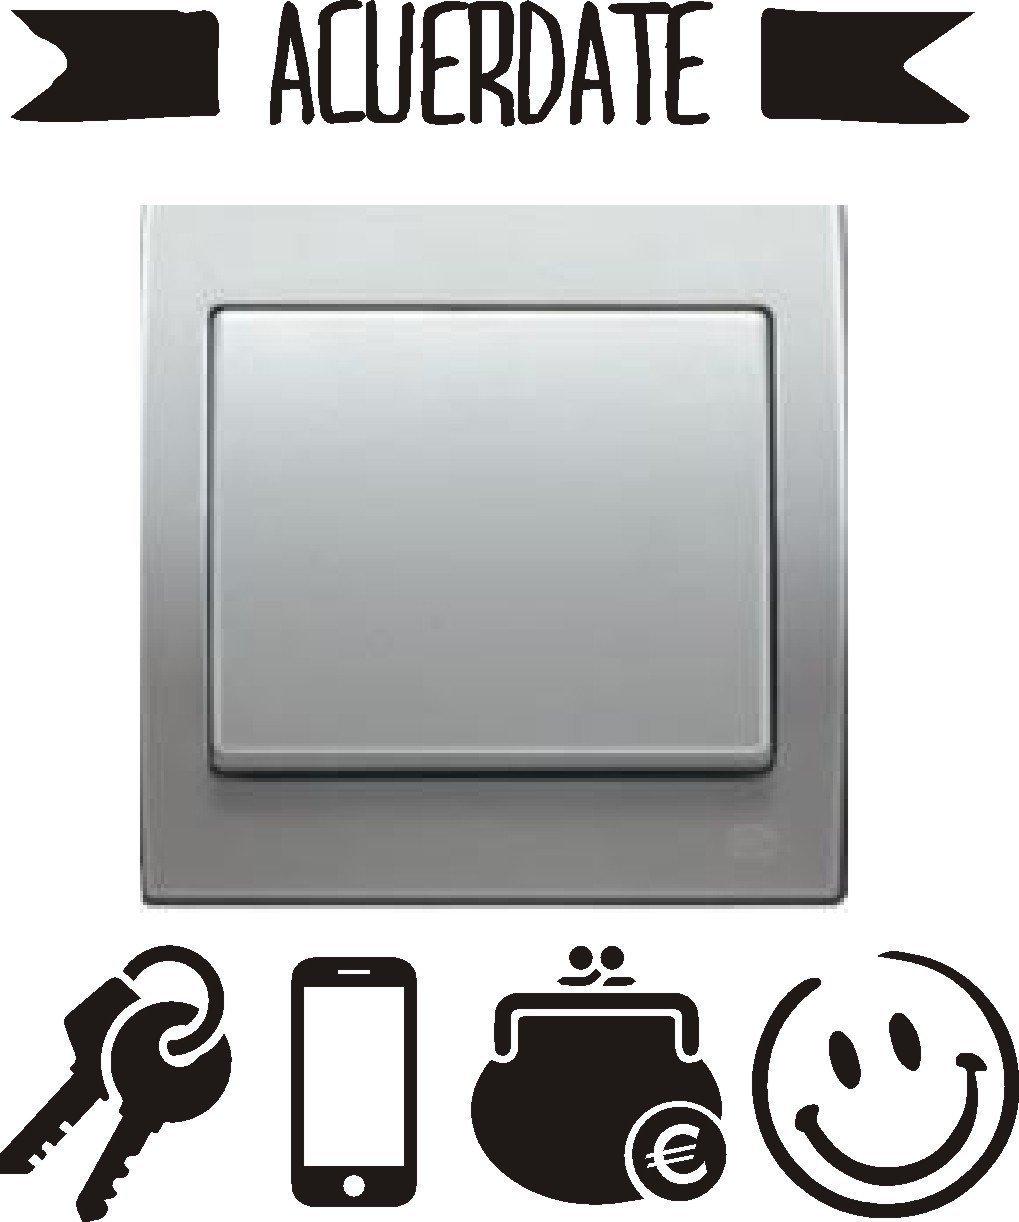 Vinilos para interruptores con un toque de humor